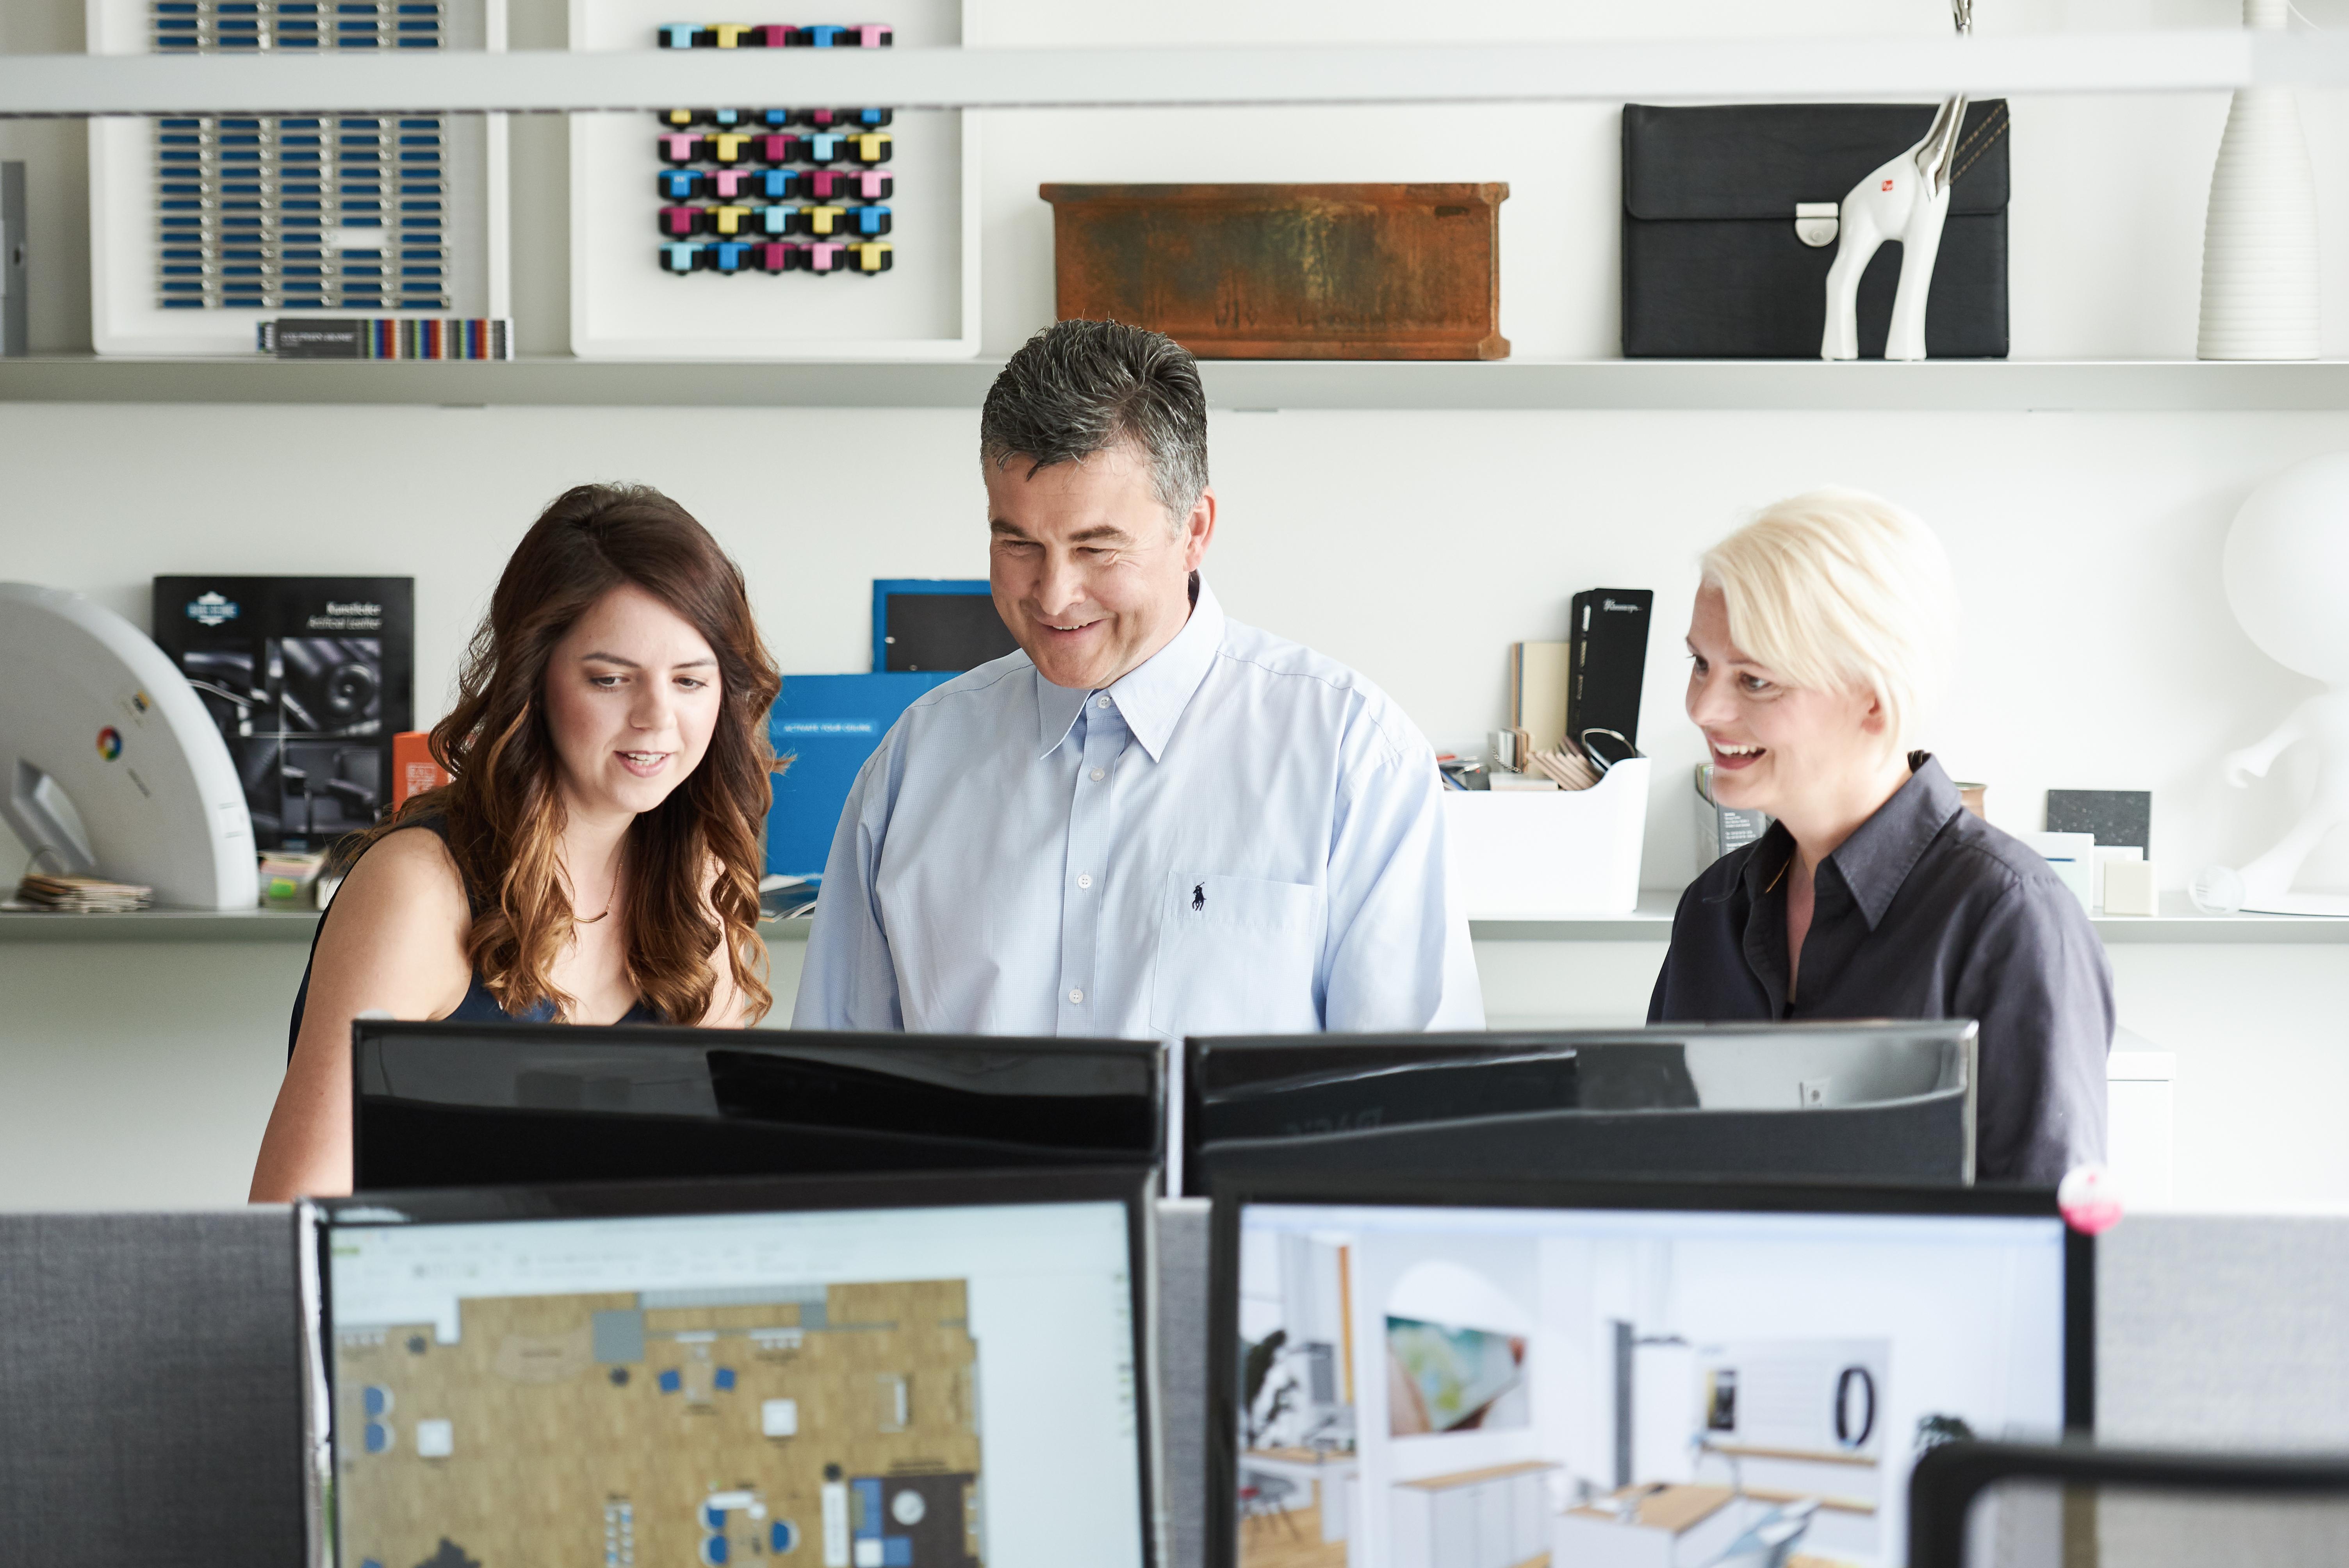 Geschäftsführer mit Planern am Schreibtisch von Büroland